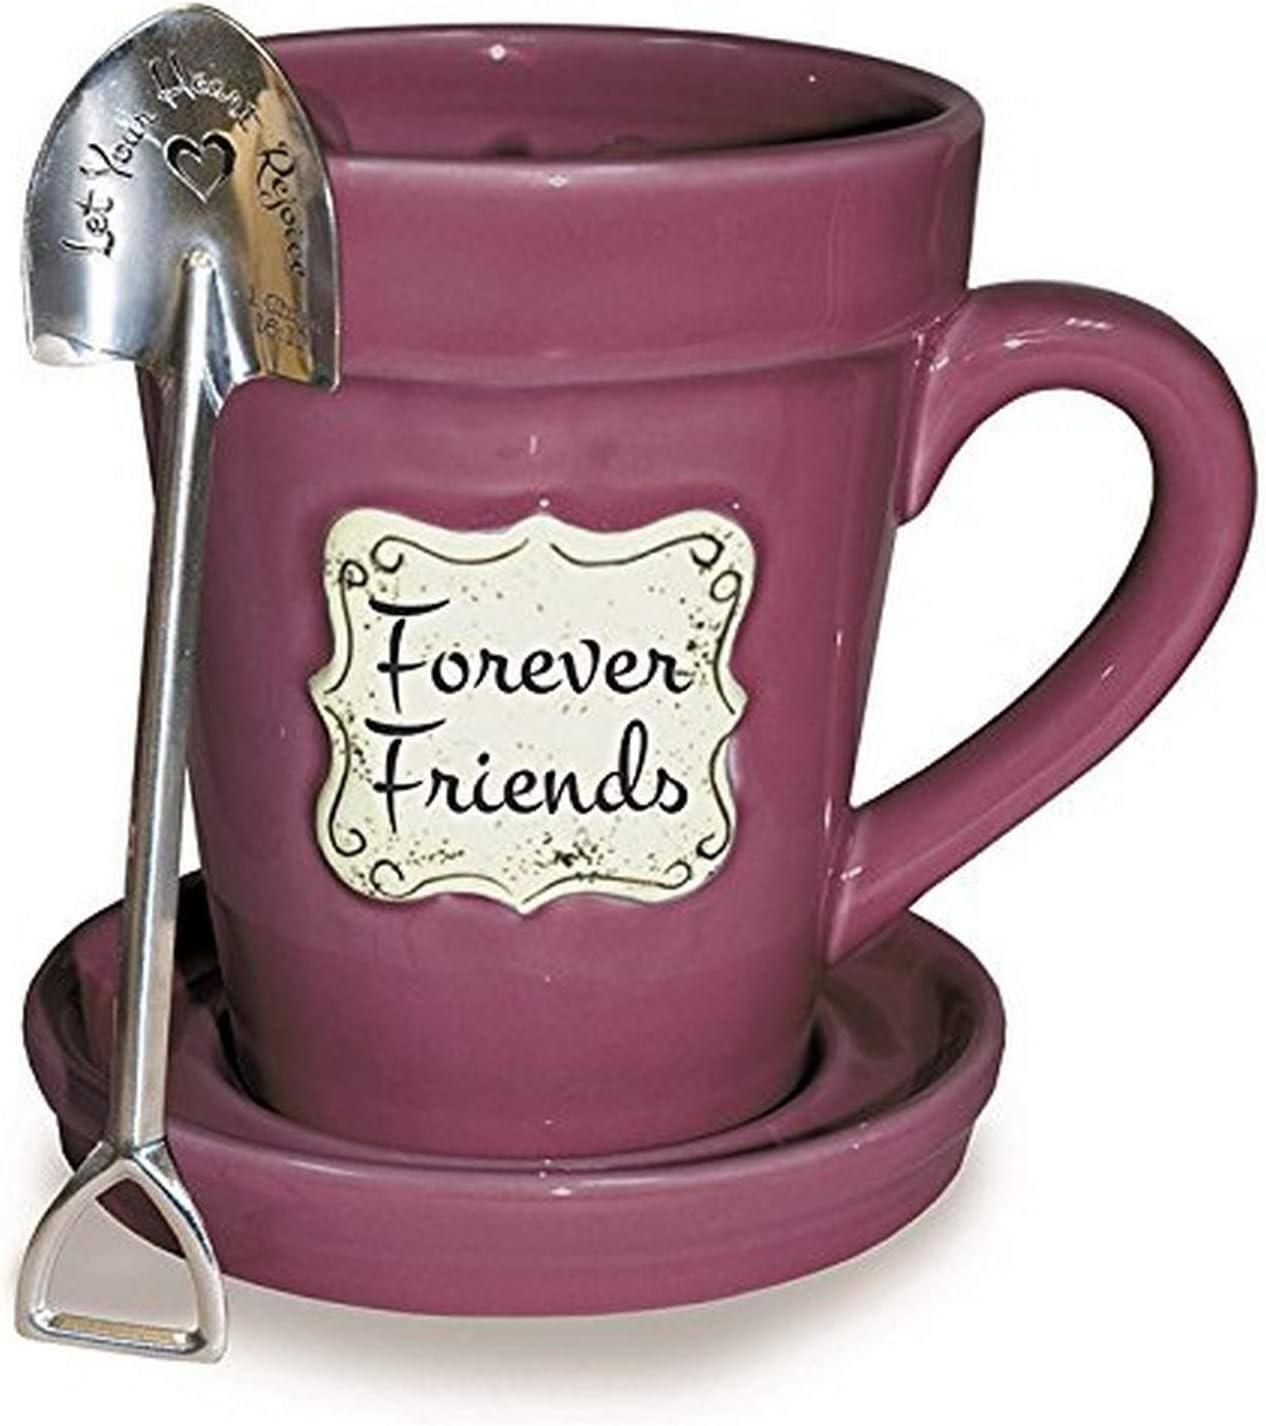 Divinity Boutique Flower Pot Mugs, 14oz, Raspberry-Friends